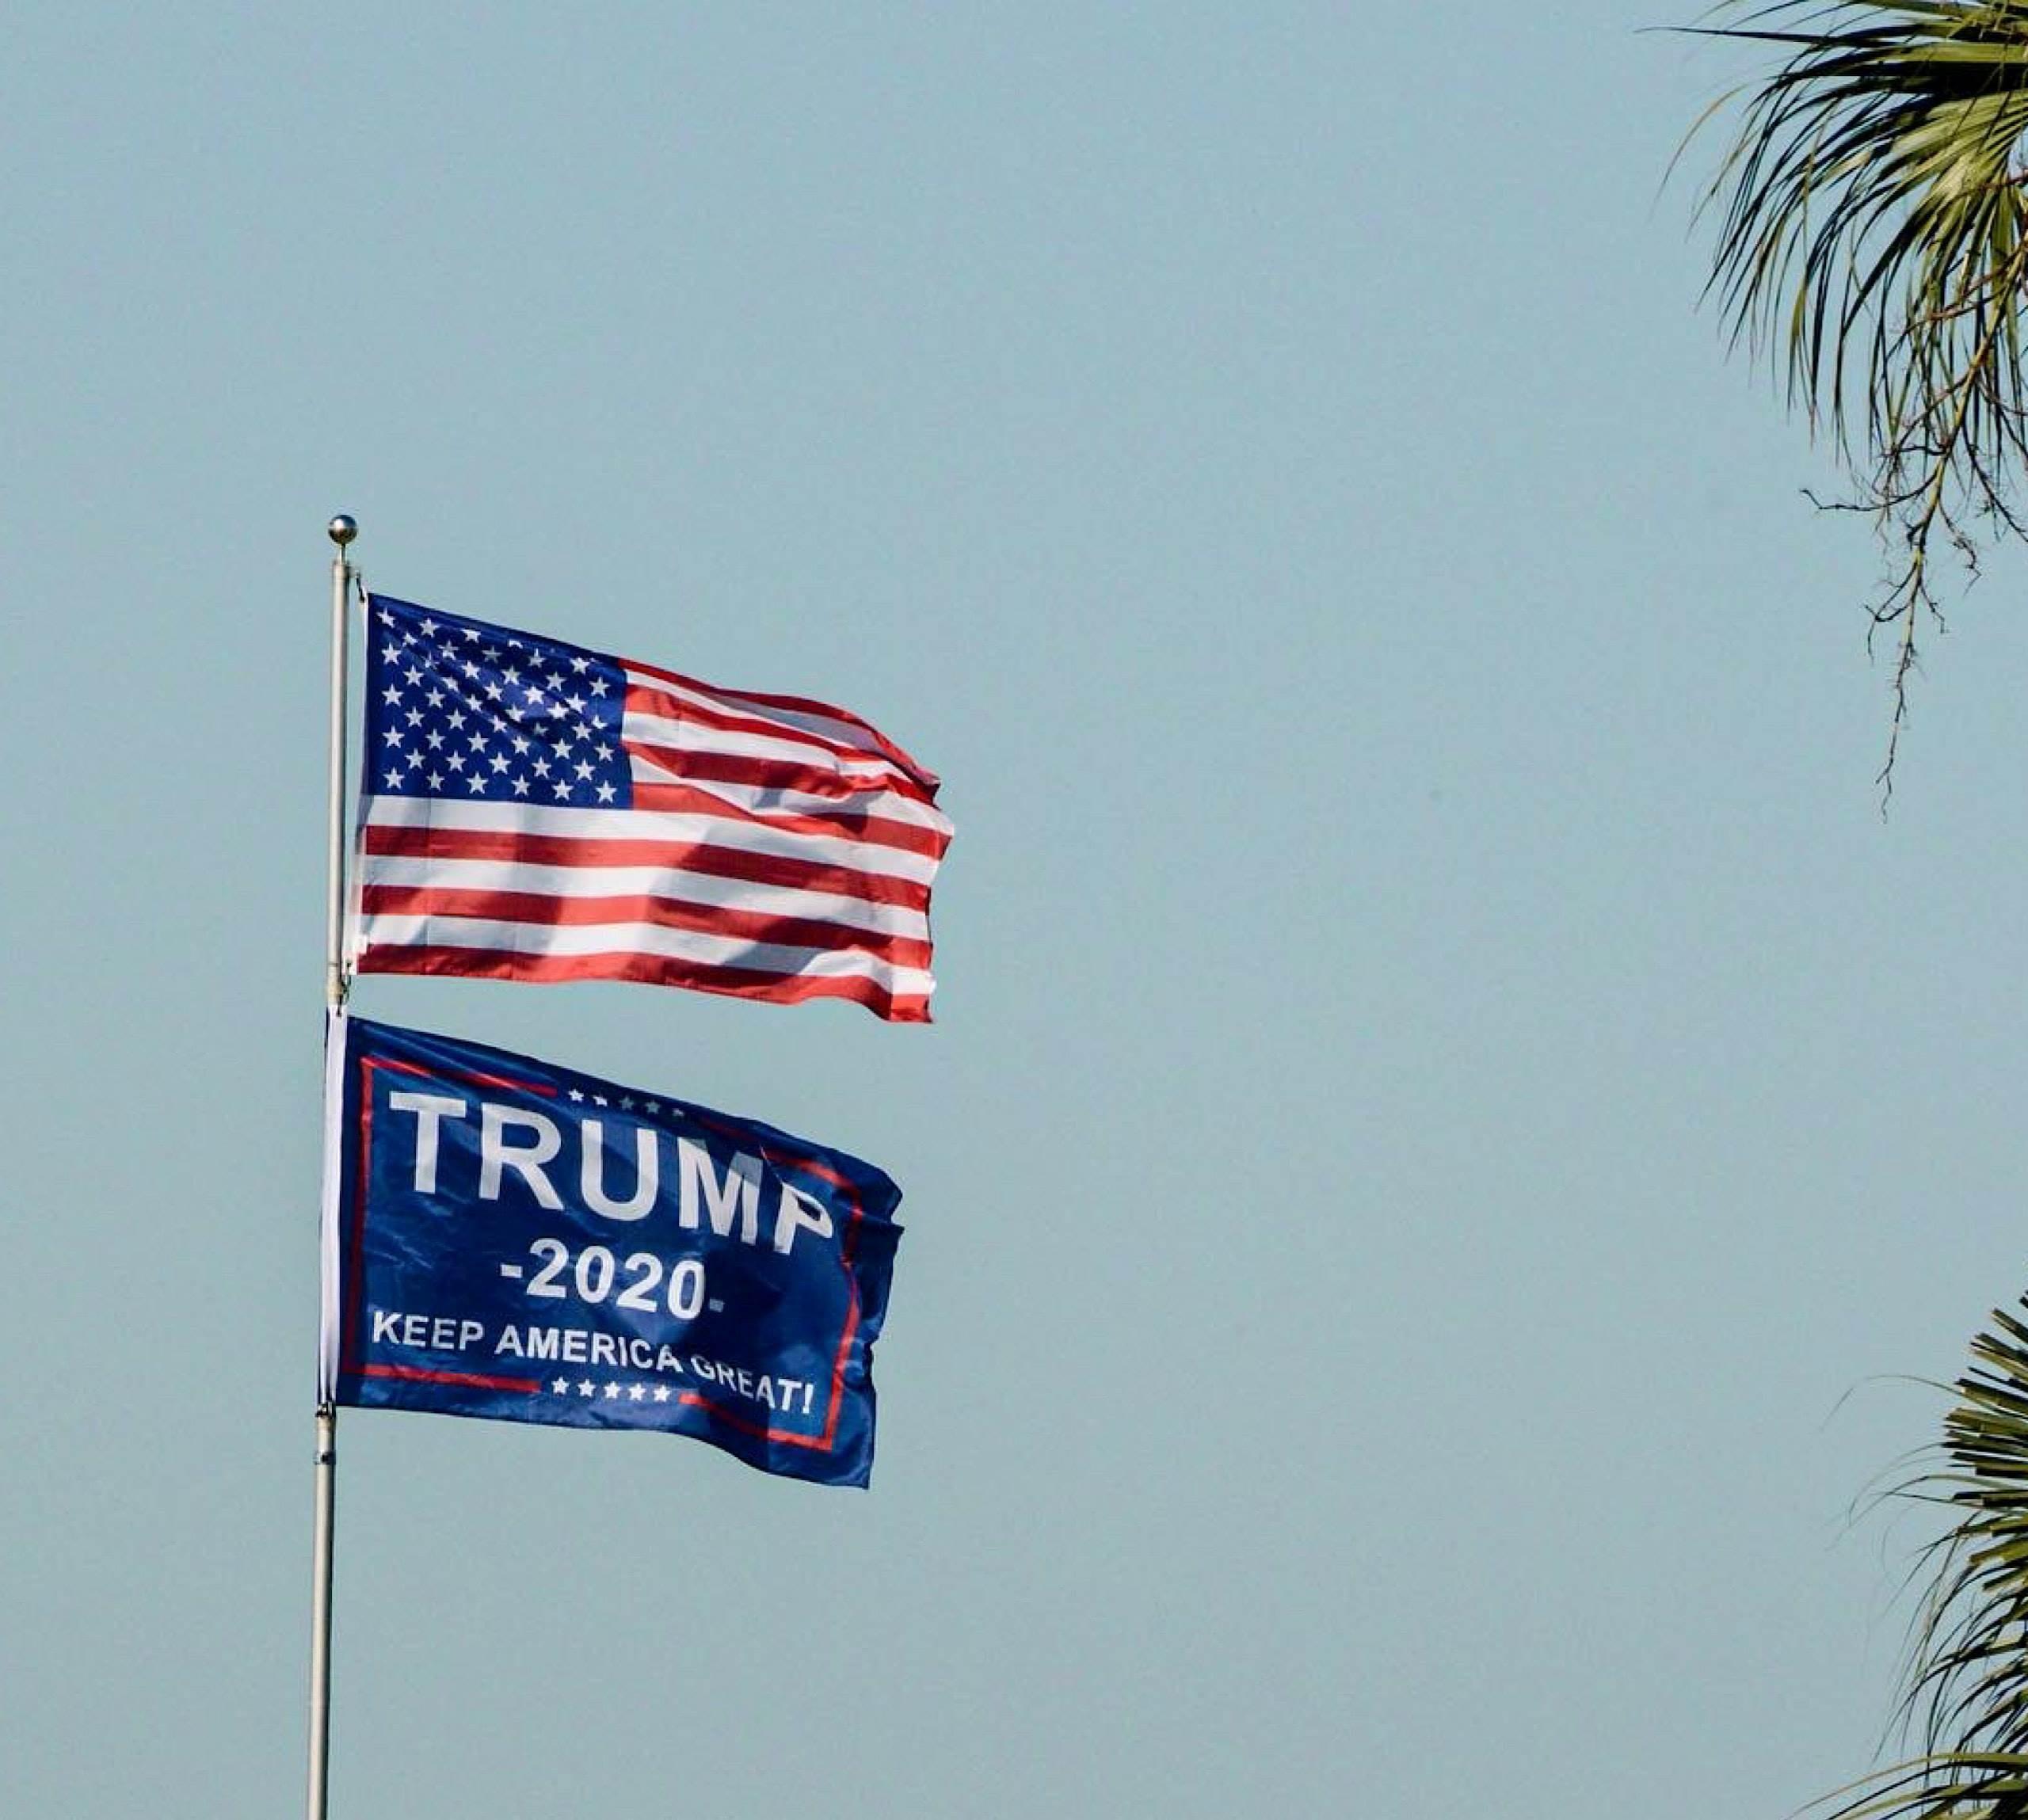 Partidarios de Trump insisten aún en que hubo fraude electoral (Foto:  Dalton Caraway / Unsplash)